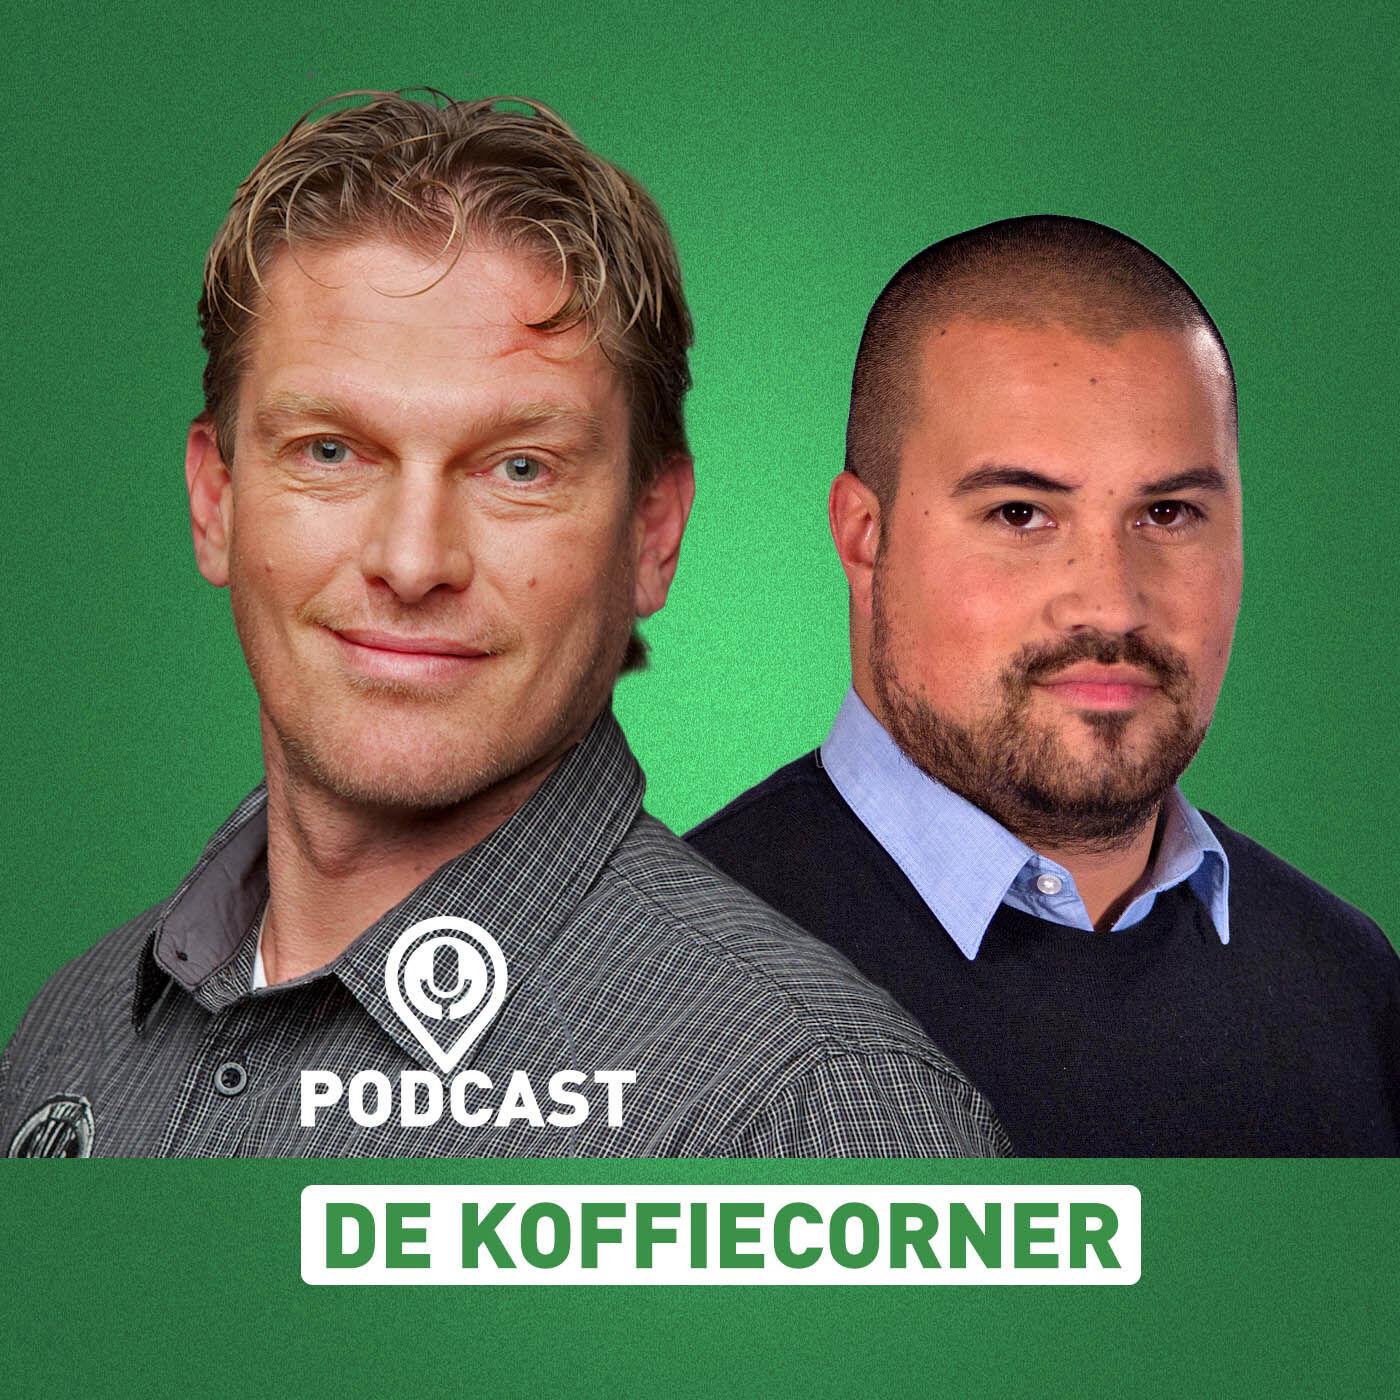 De Koffiecorner #107: (met Sergio Padt) 'Deze club zit in mijn hart en ik wil graag terugkeren'